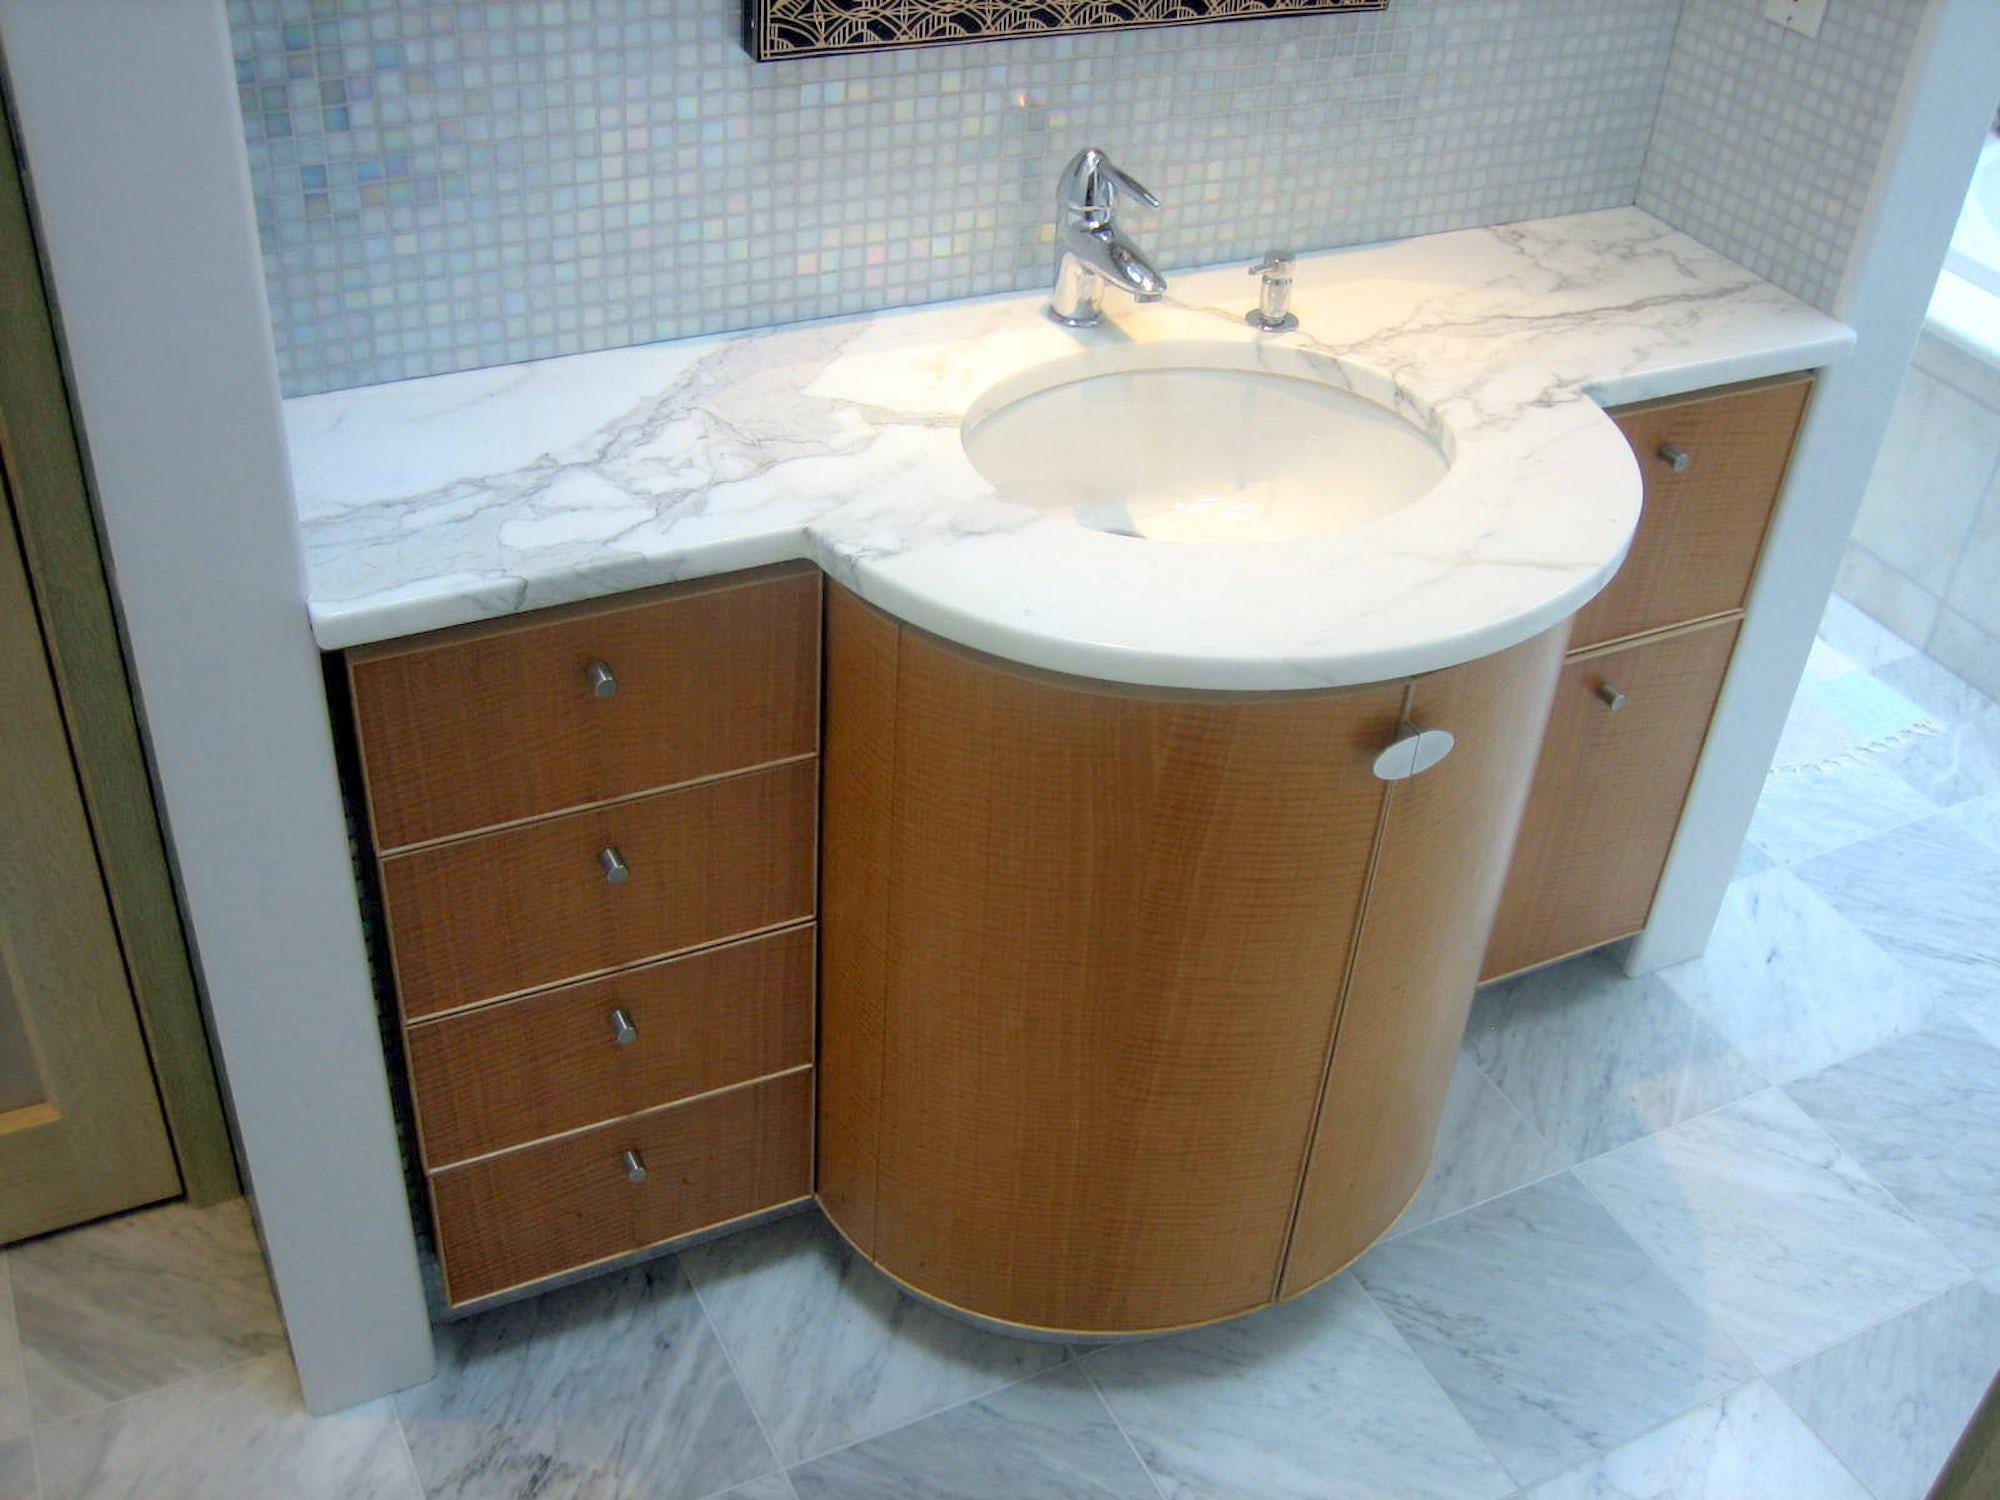 B.1-ARCISAN-GARBUS-Vanity-Cabinet1.JPG2_